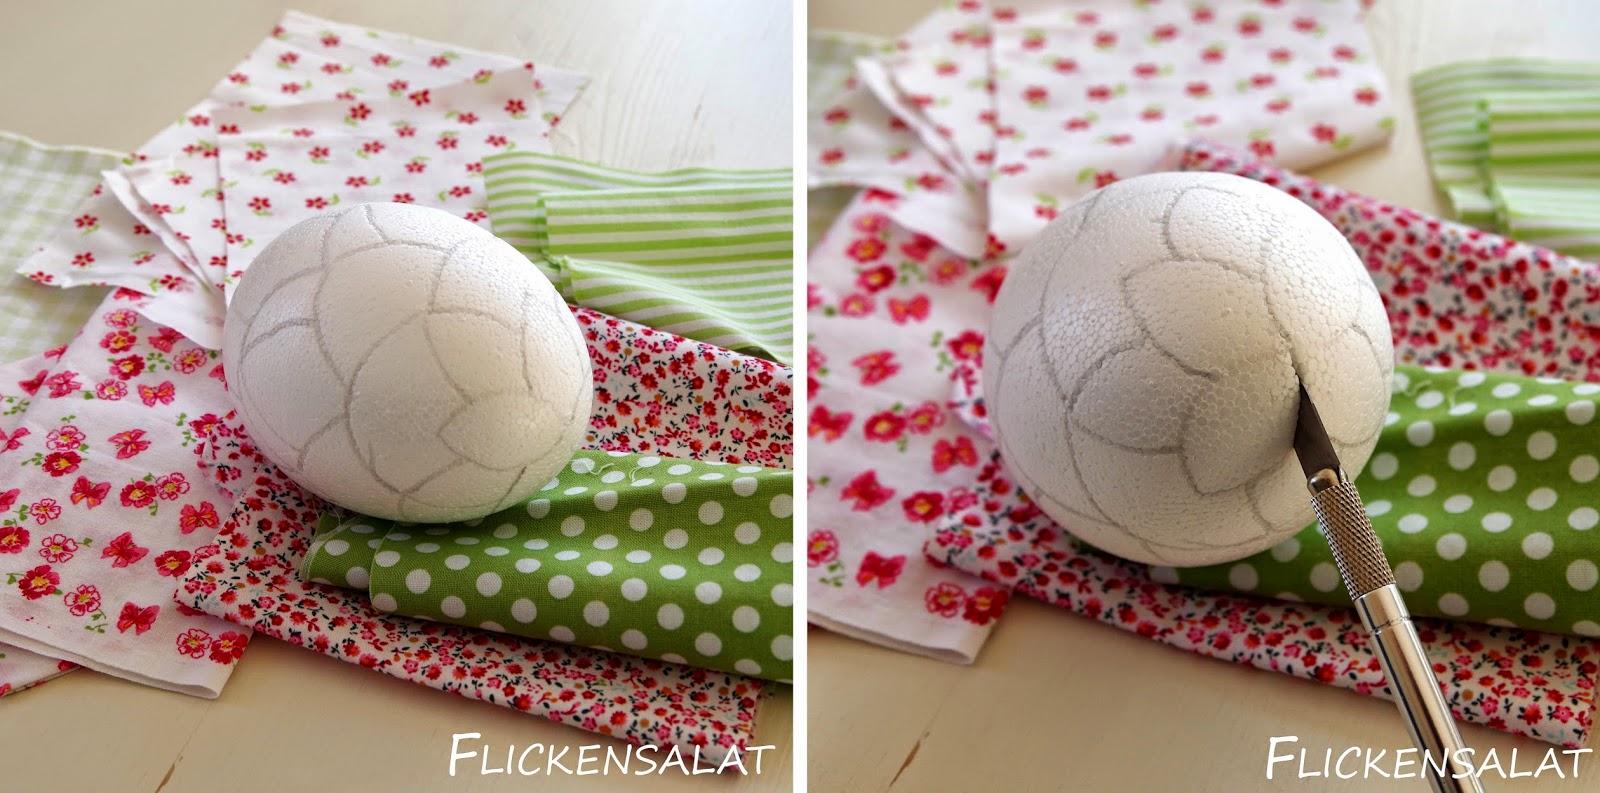 flickensalat patchwork eier diy. Black Bedroom Furniture Sets. Home Design Ideas